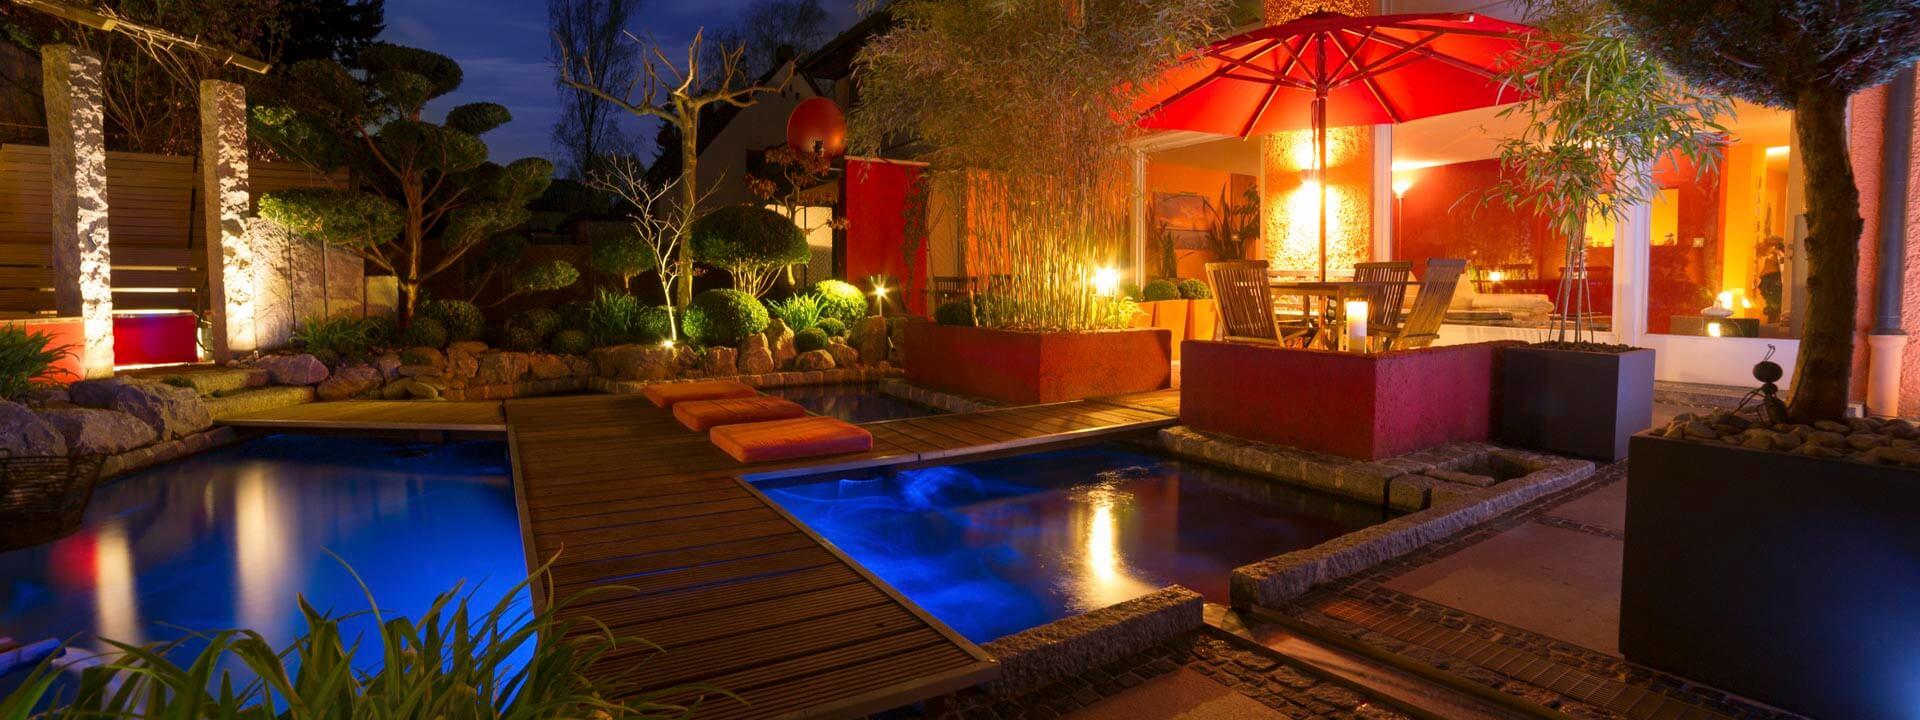 Heimelige Atmosphäre durch Beleuchtung eines Gartens